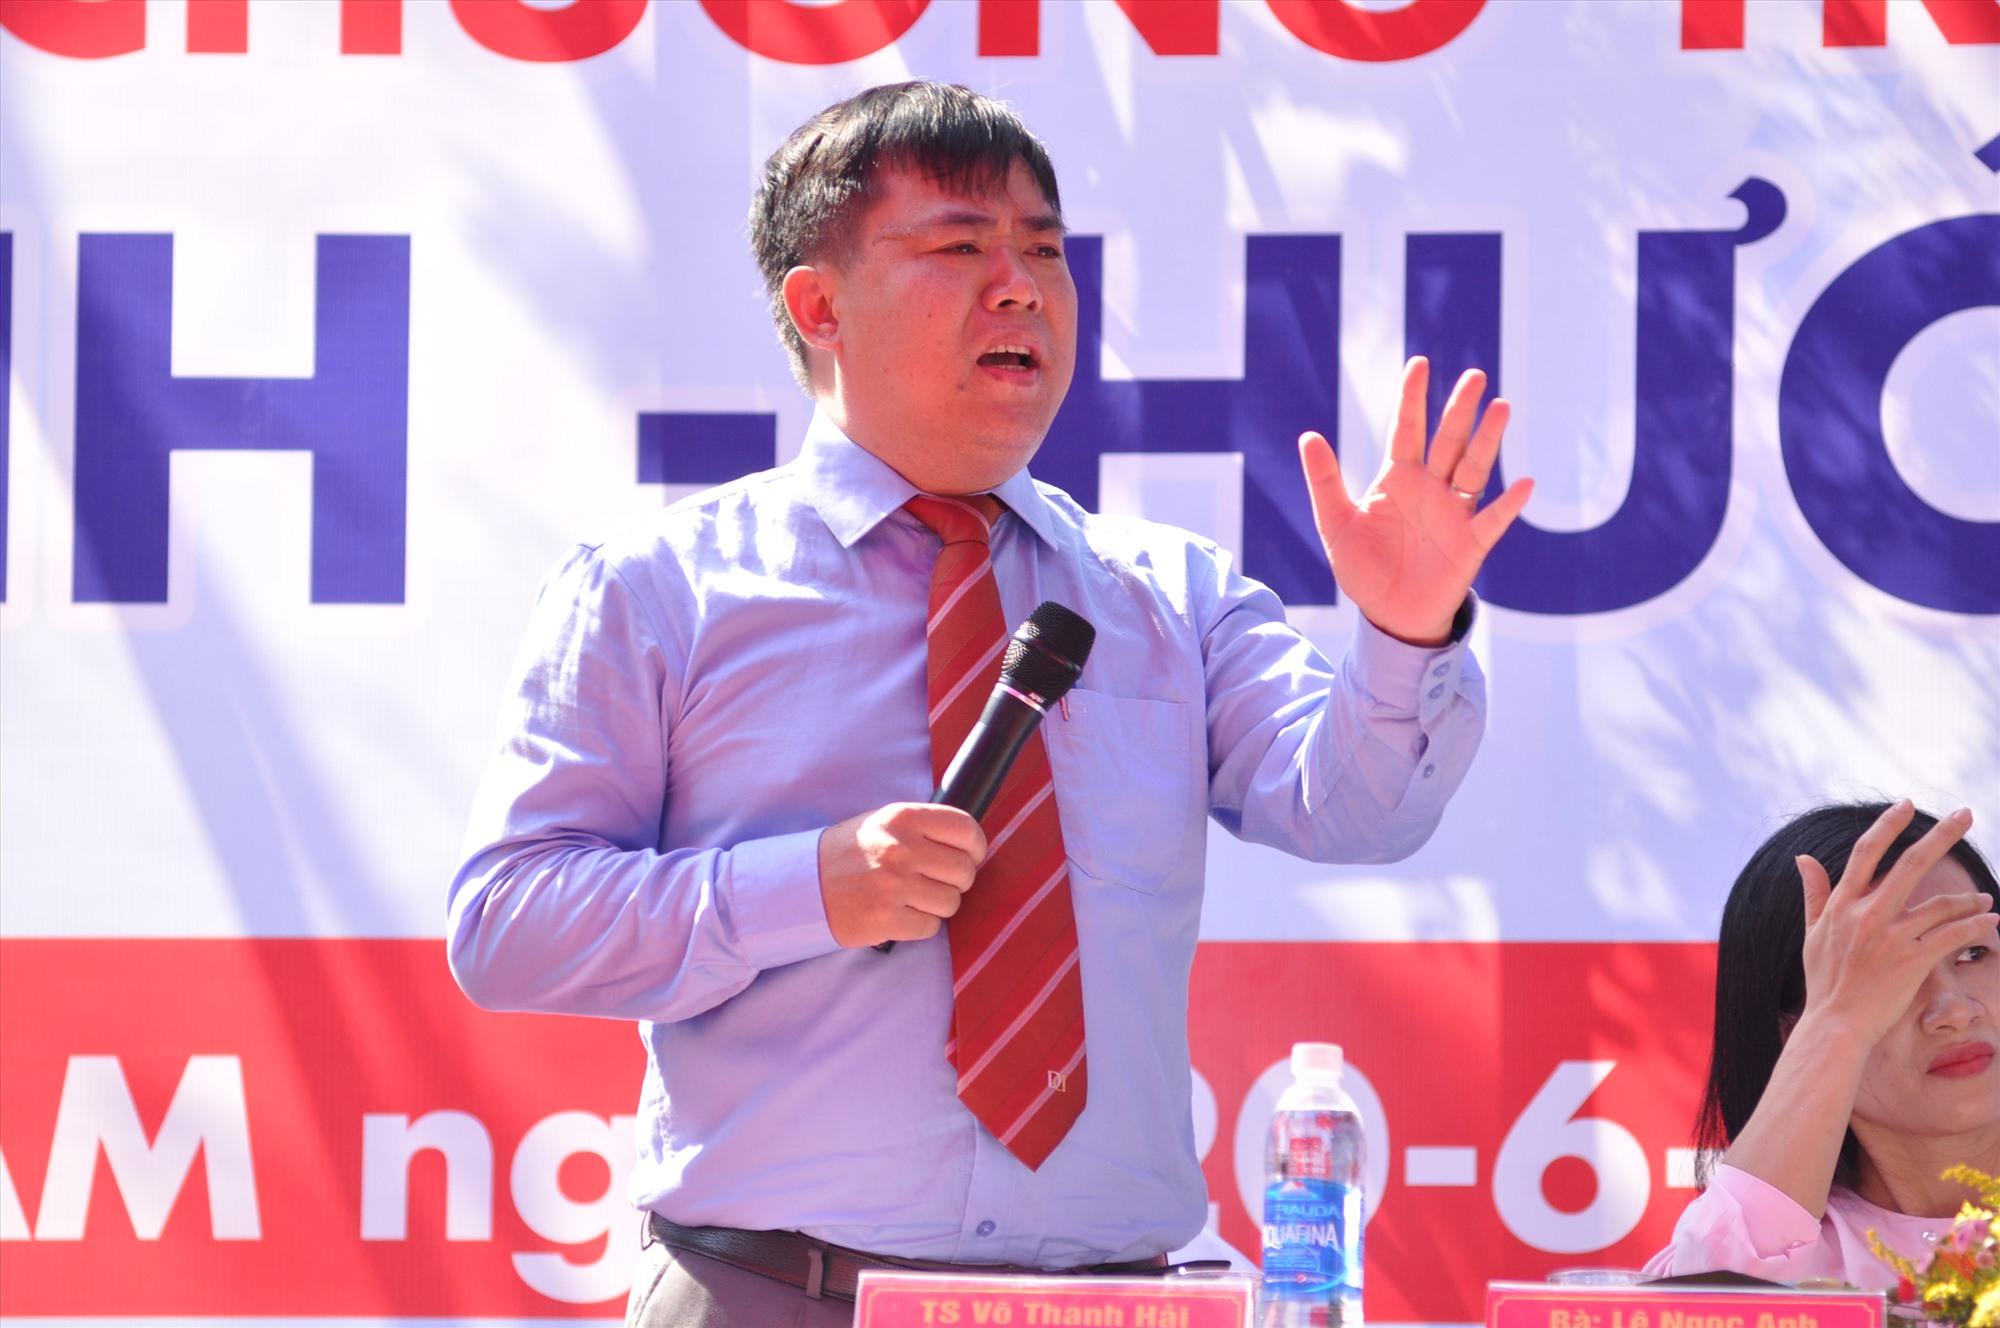 TS Võ Thanh Hải - Phó Hiệu trưởng Trường Đại học Duy Tân chia sẻ kinh nghiệm đăng ký xét tuyển. Ảnh: X.P